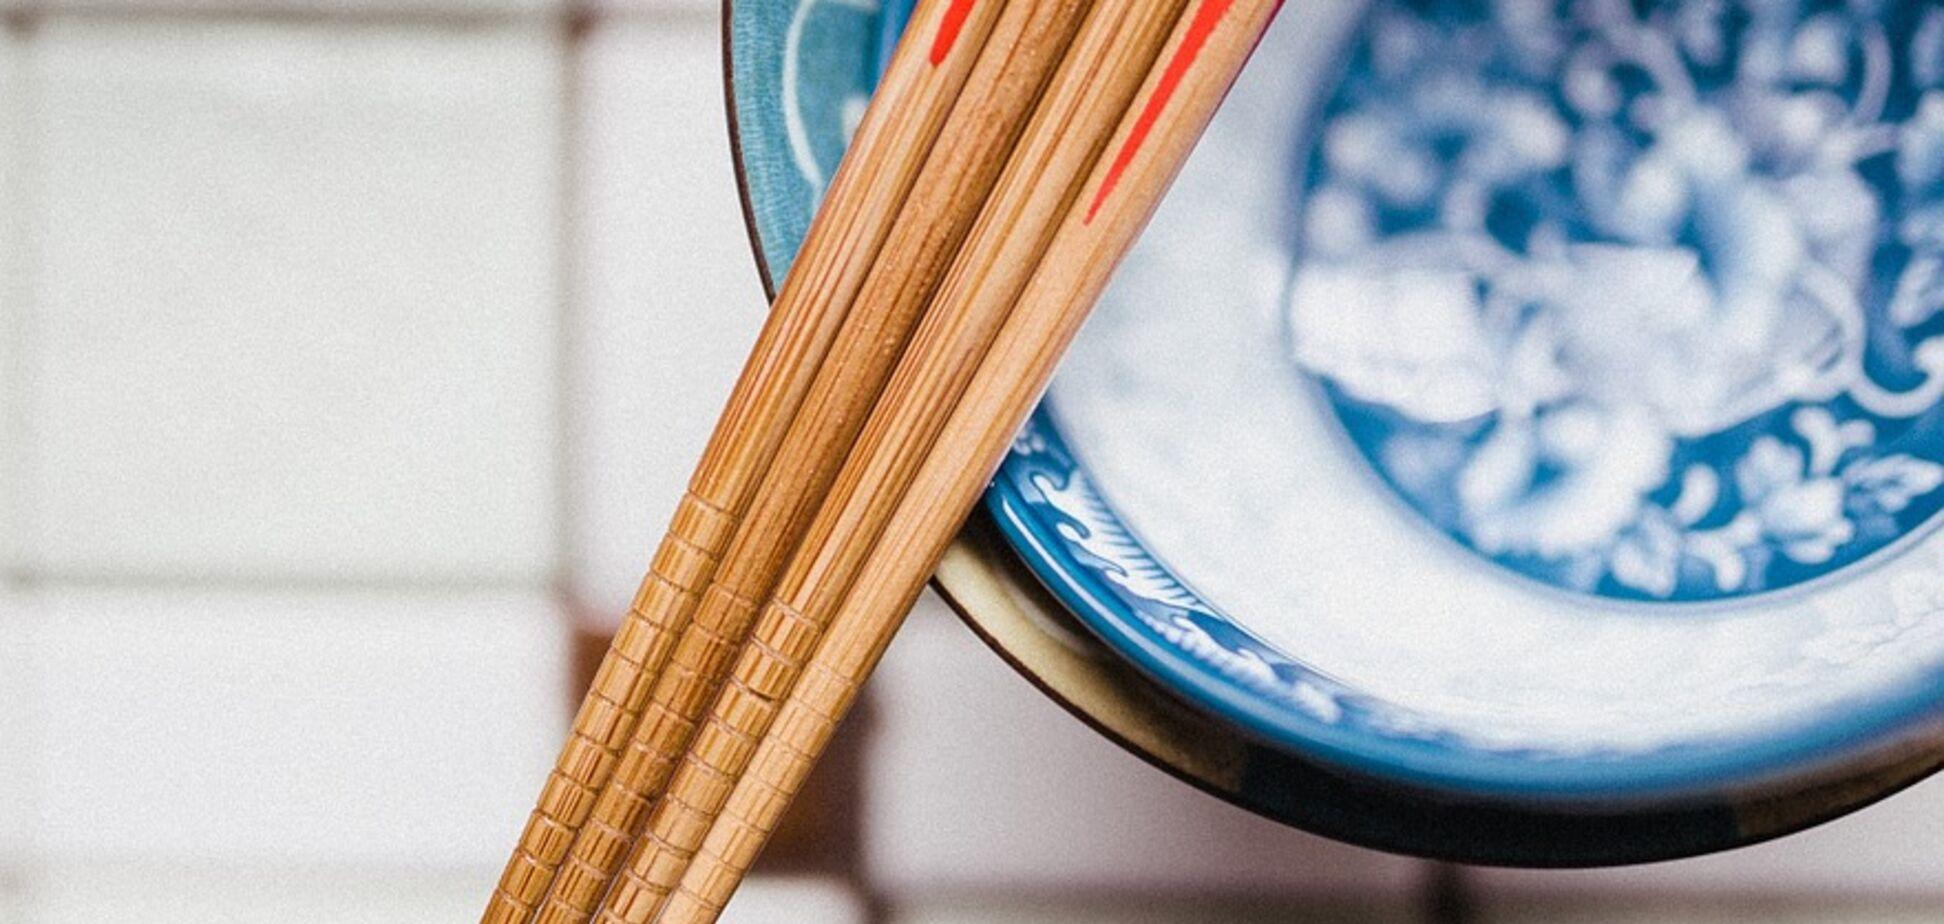 Філософія і якість їжі: чому в Японії і Китаї все ще користуються паличками